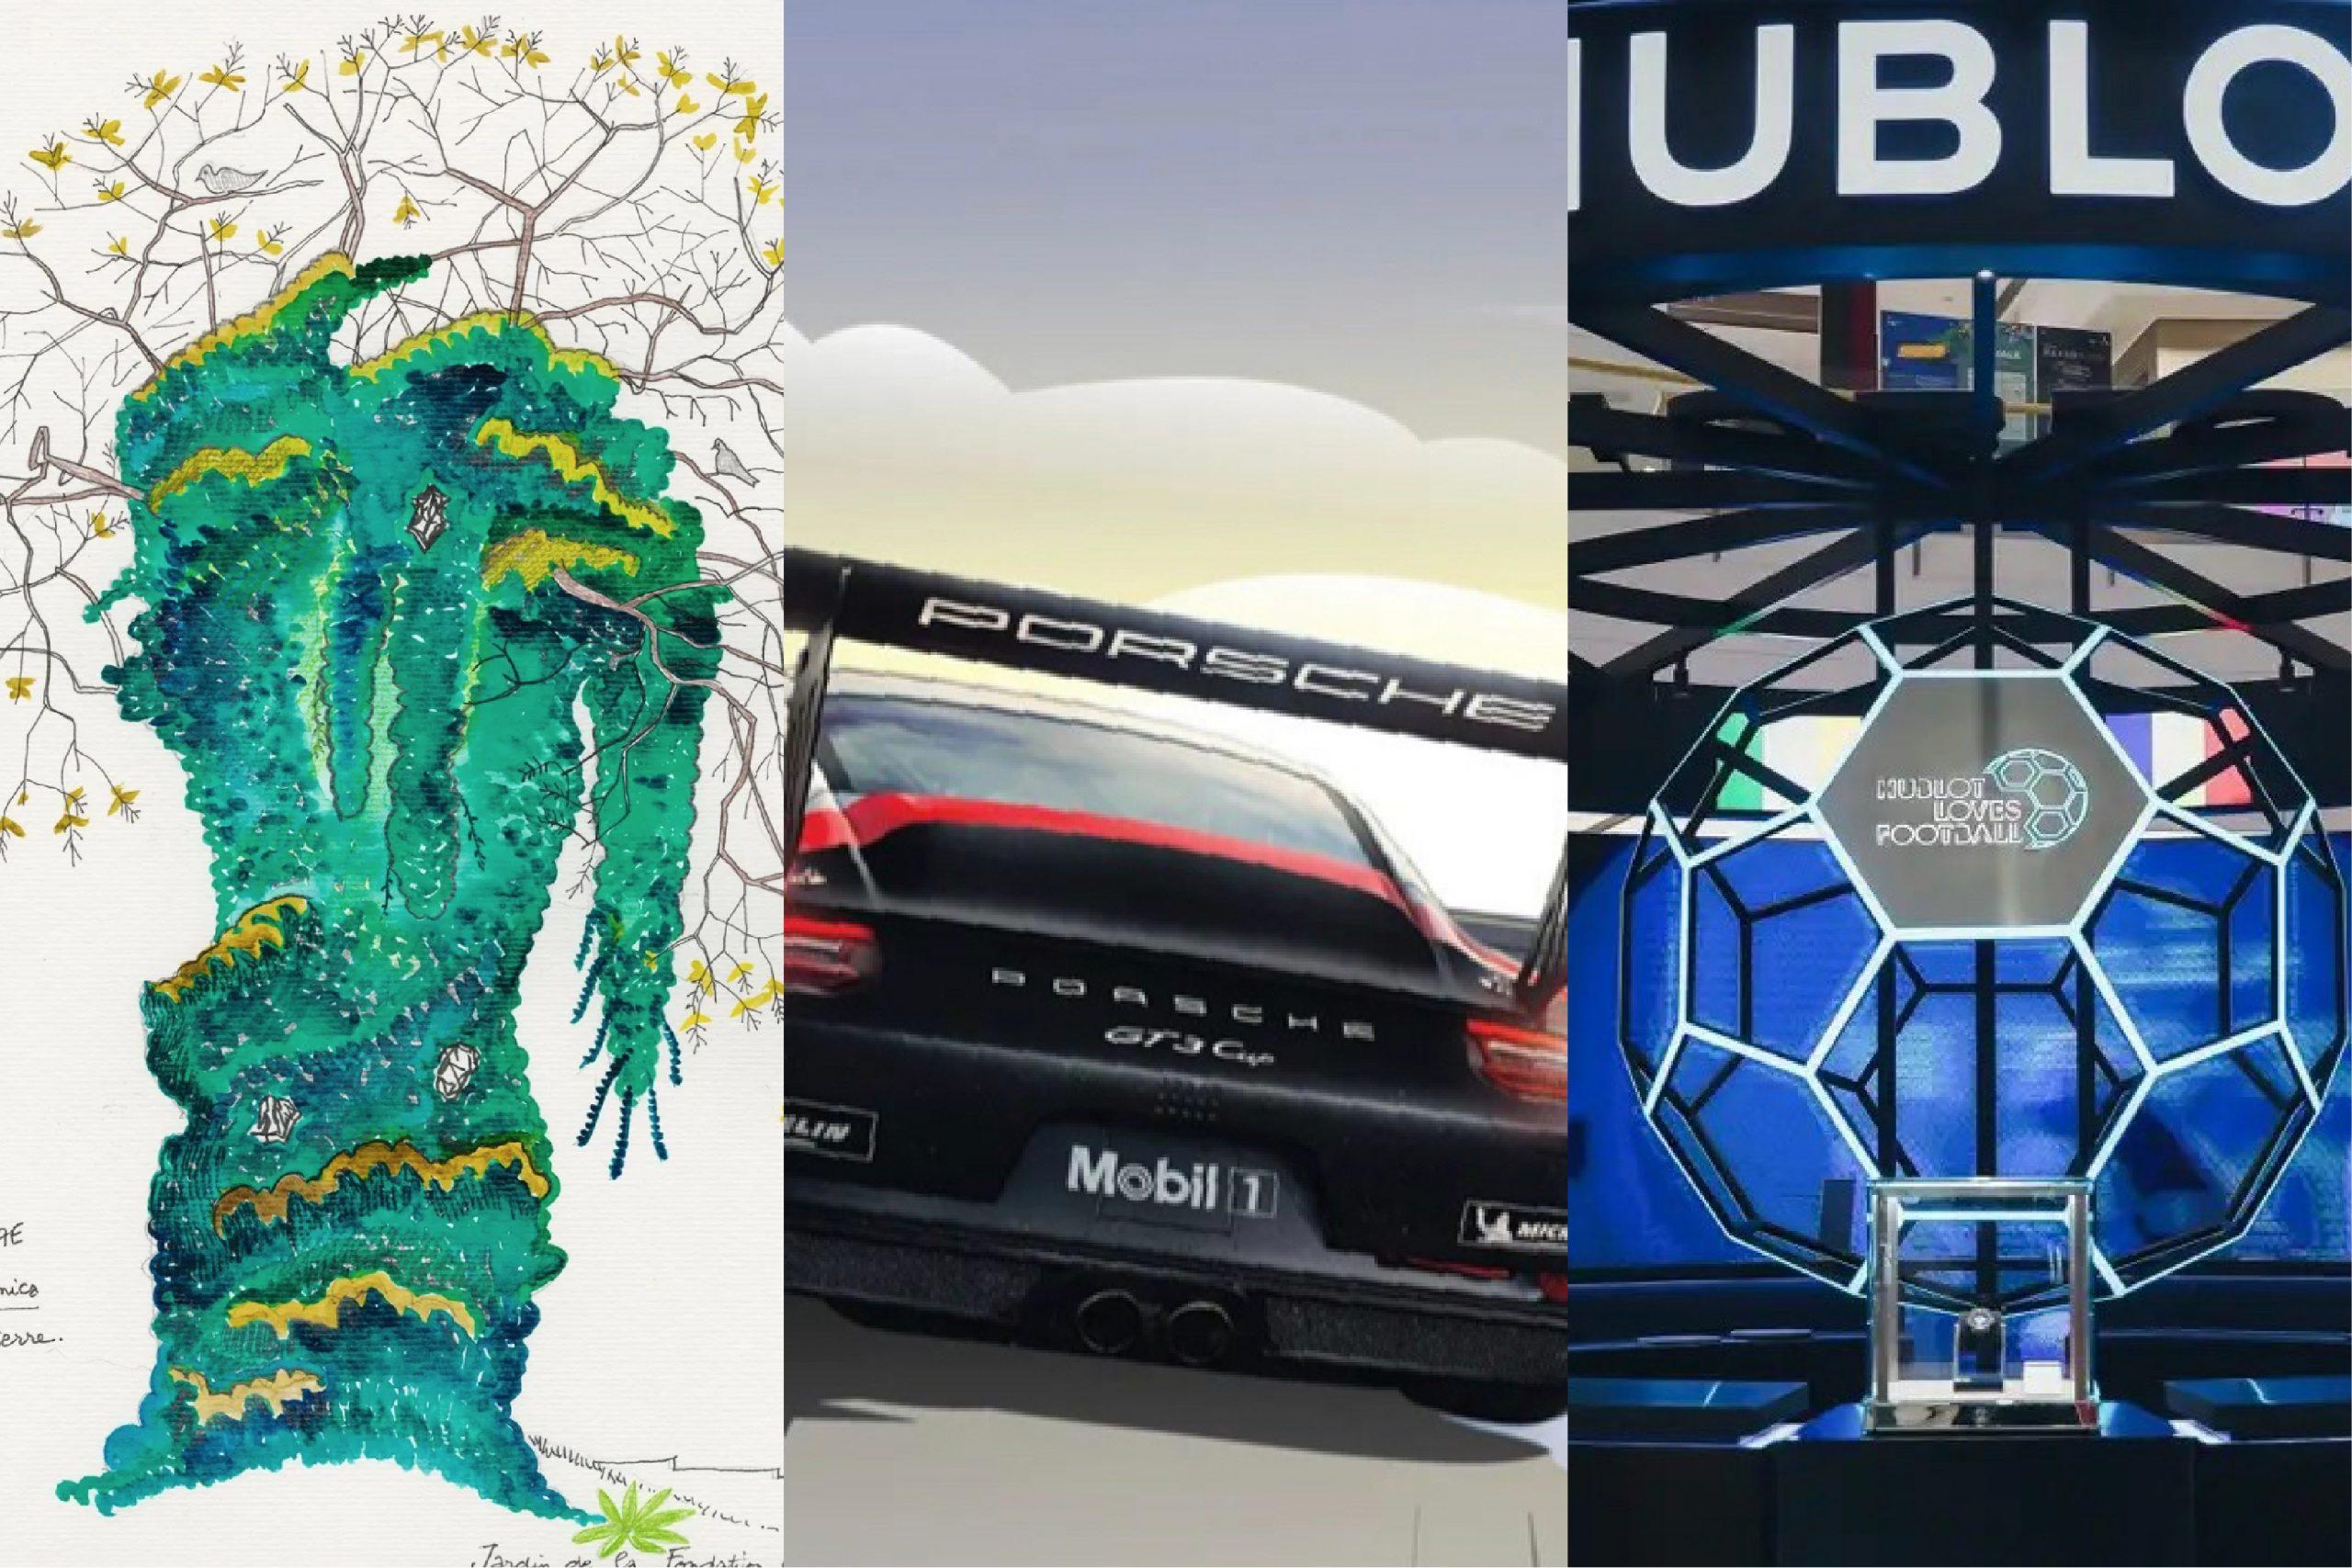 过去两周,这三家奢侈品牌在中国的动向最值得关注【华丽双周榜】2021年第十期